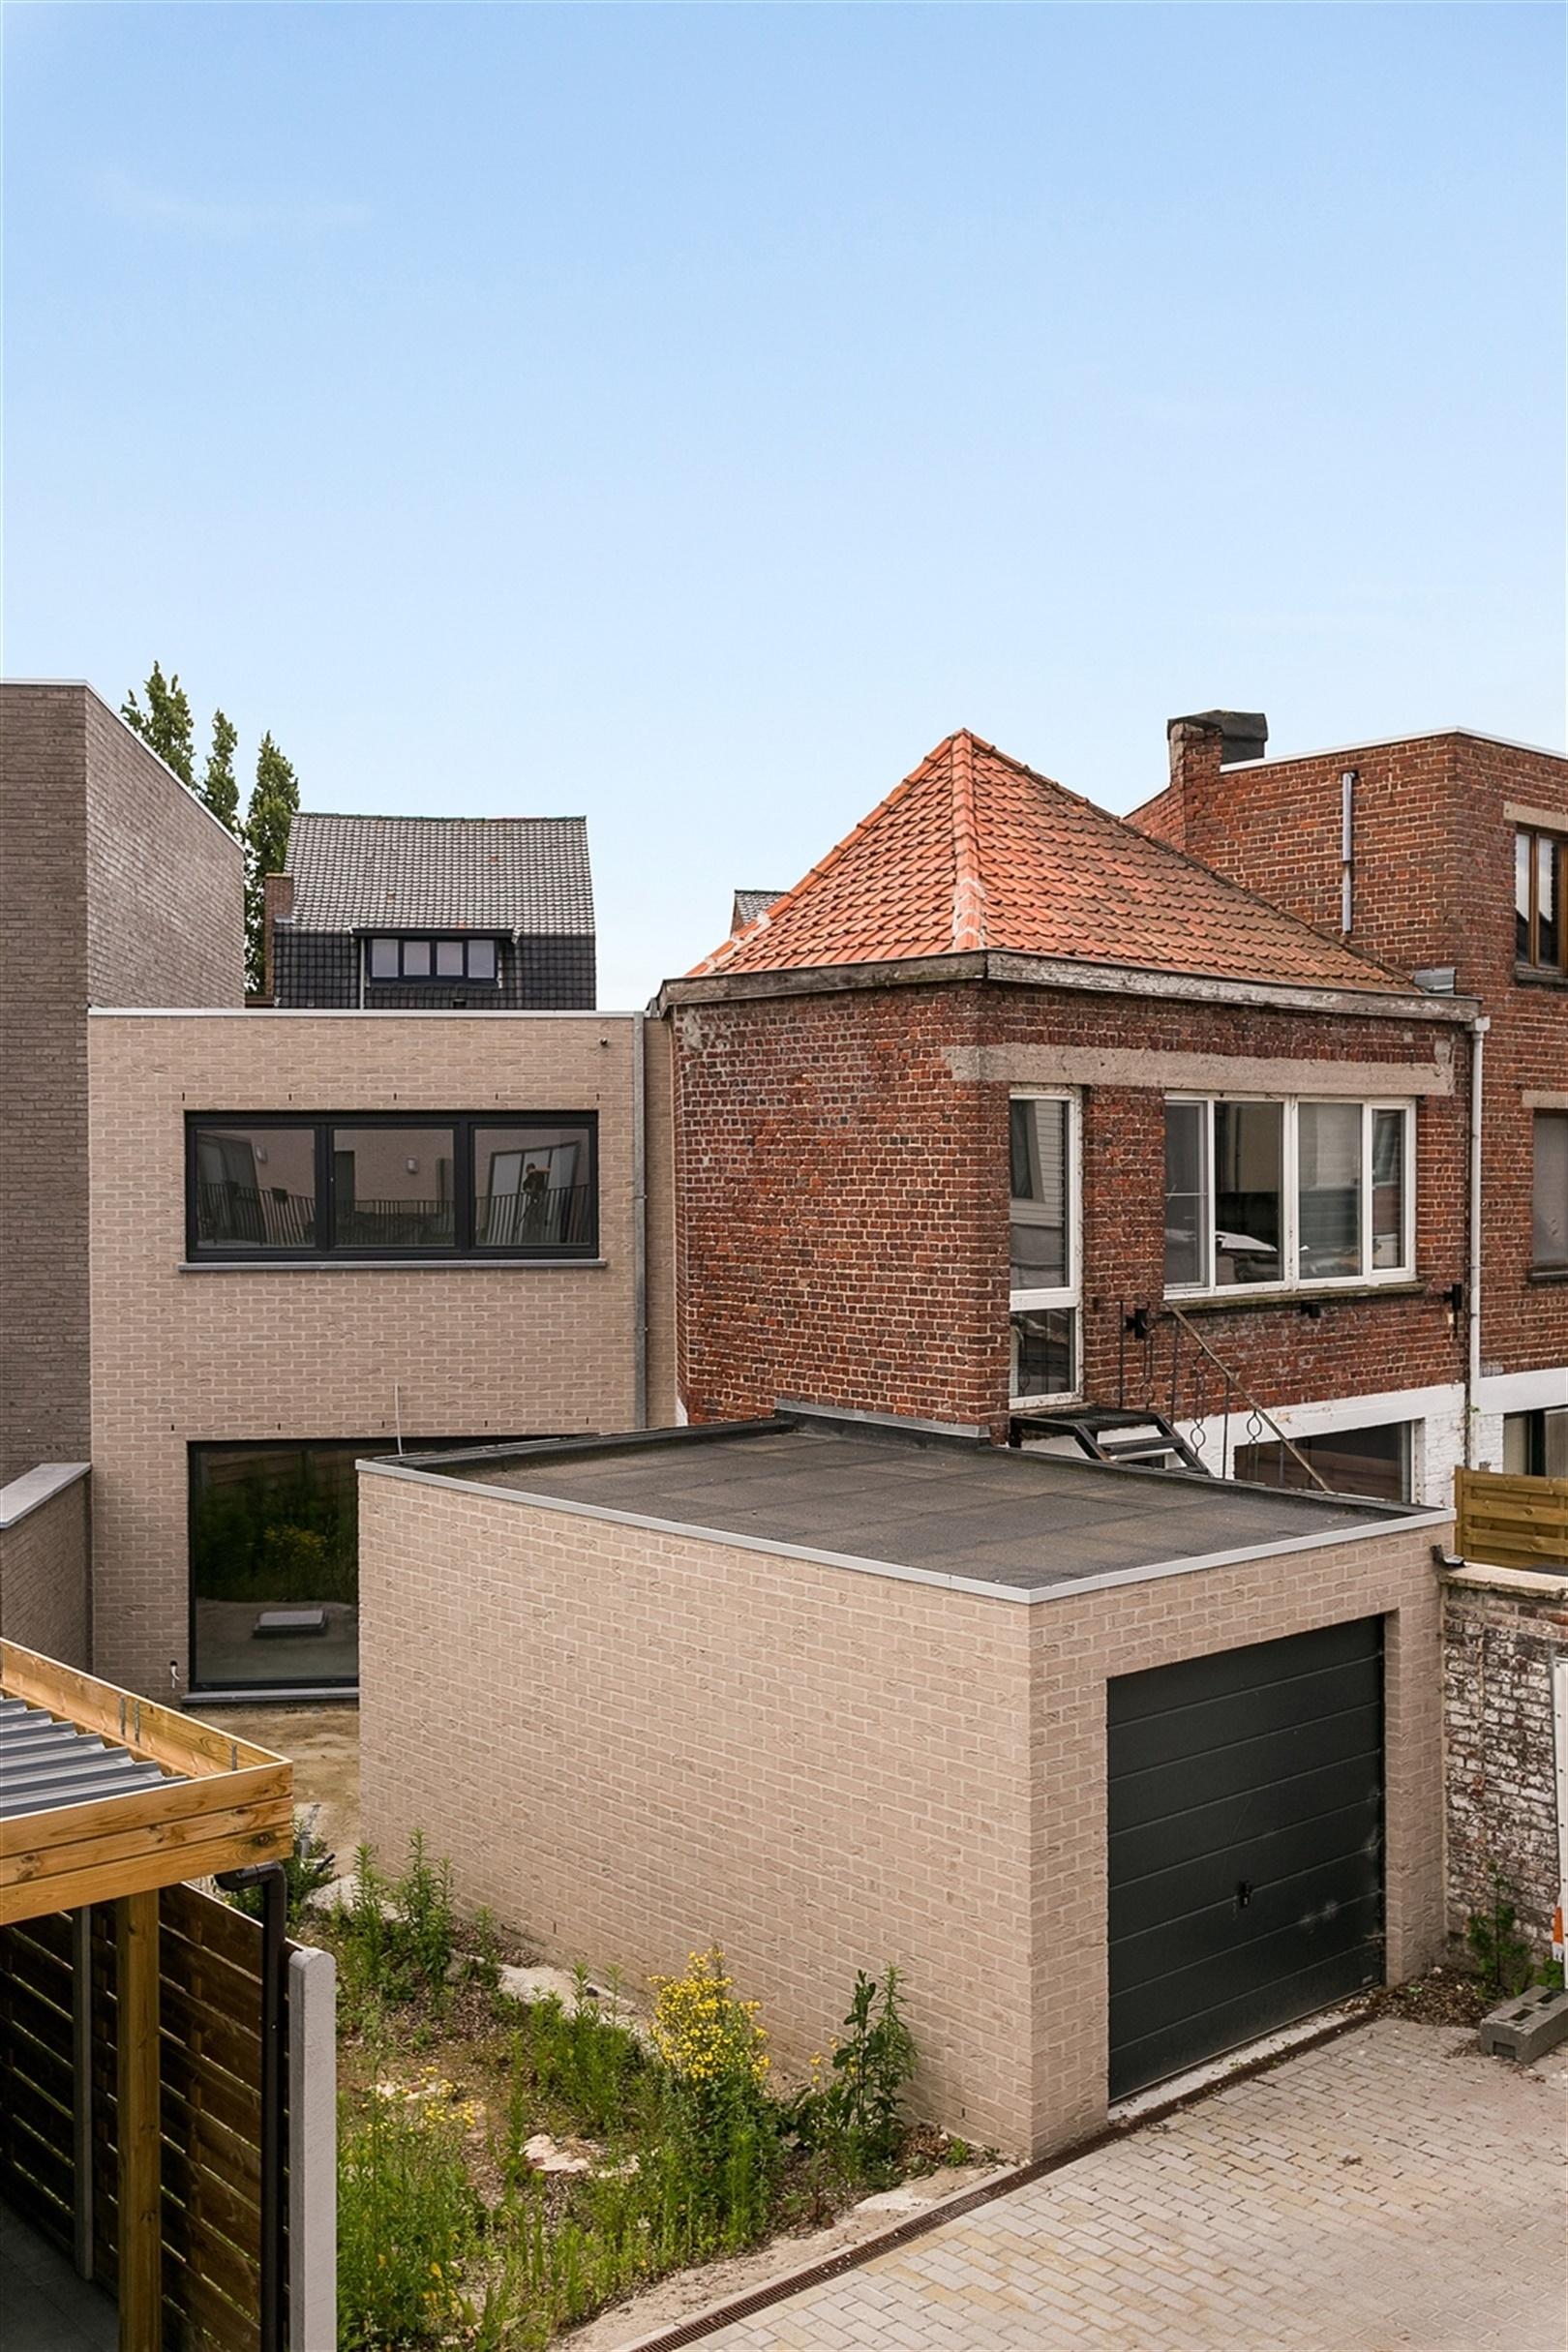 Hedendaagse gezinswoning met 3 slaapkamers in Kortrijk